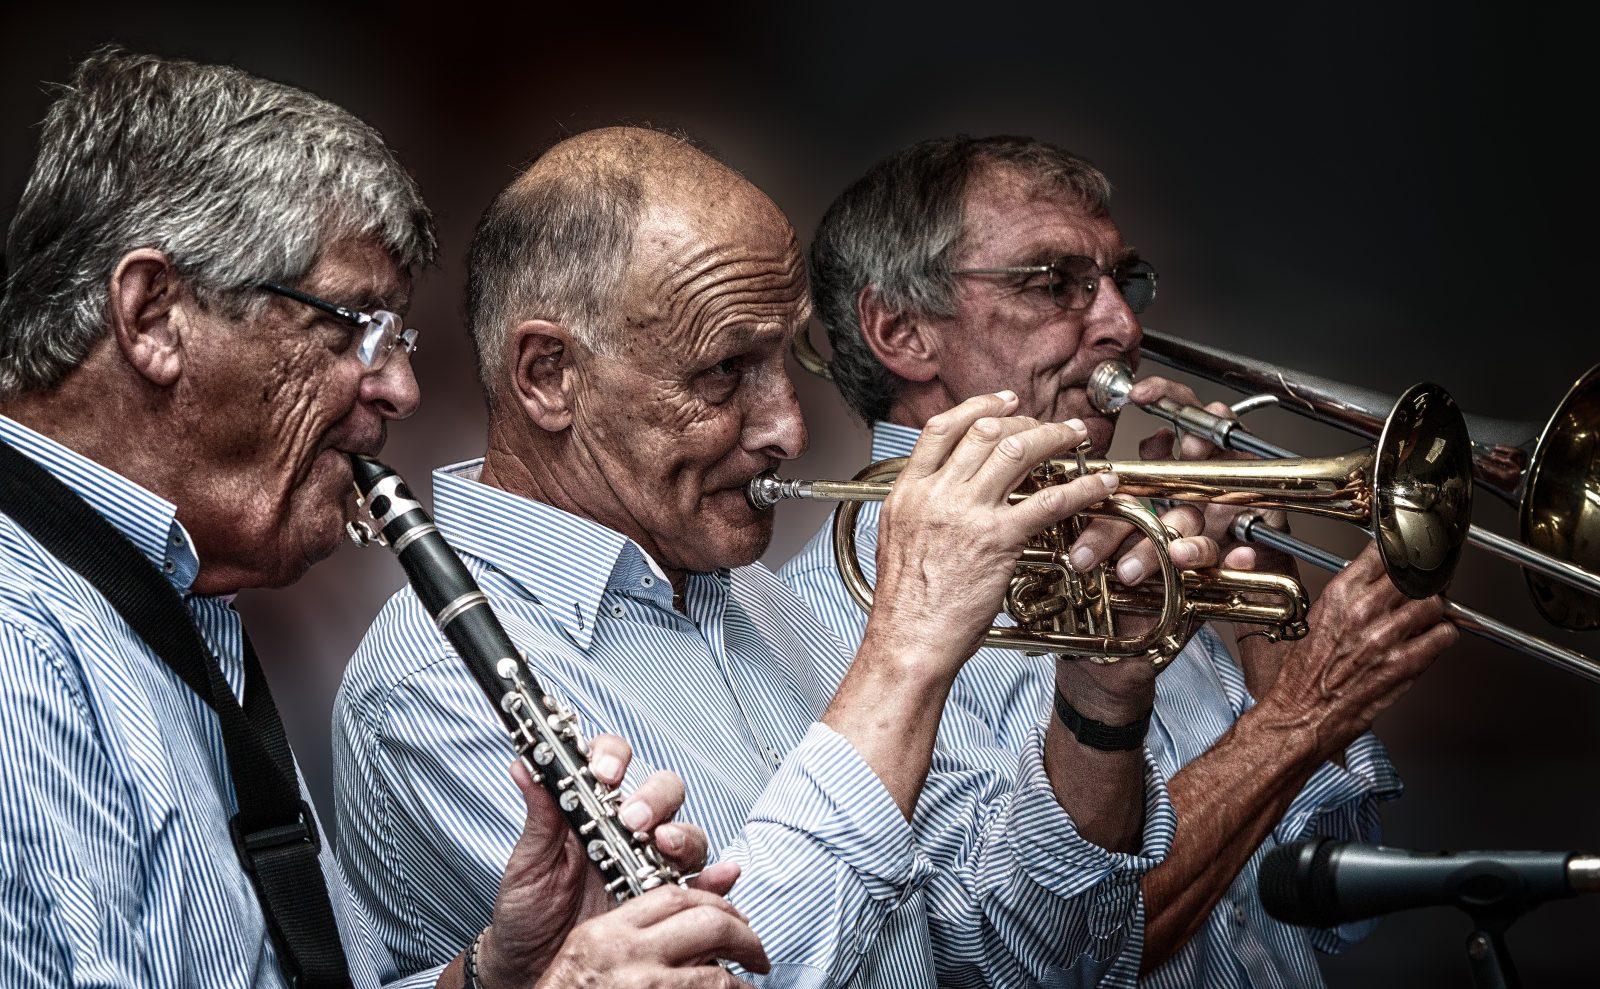 Sandlake-City-Jazzband-7943-bewerkt-2